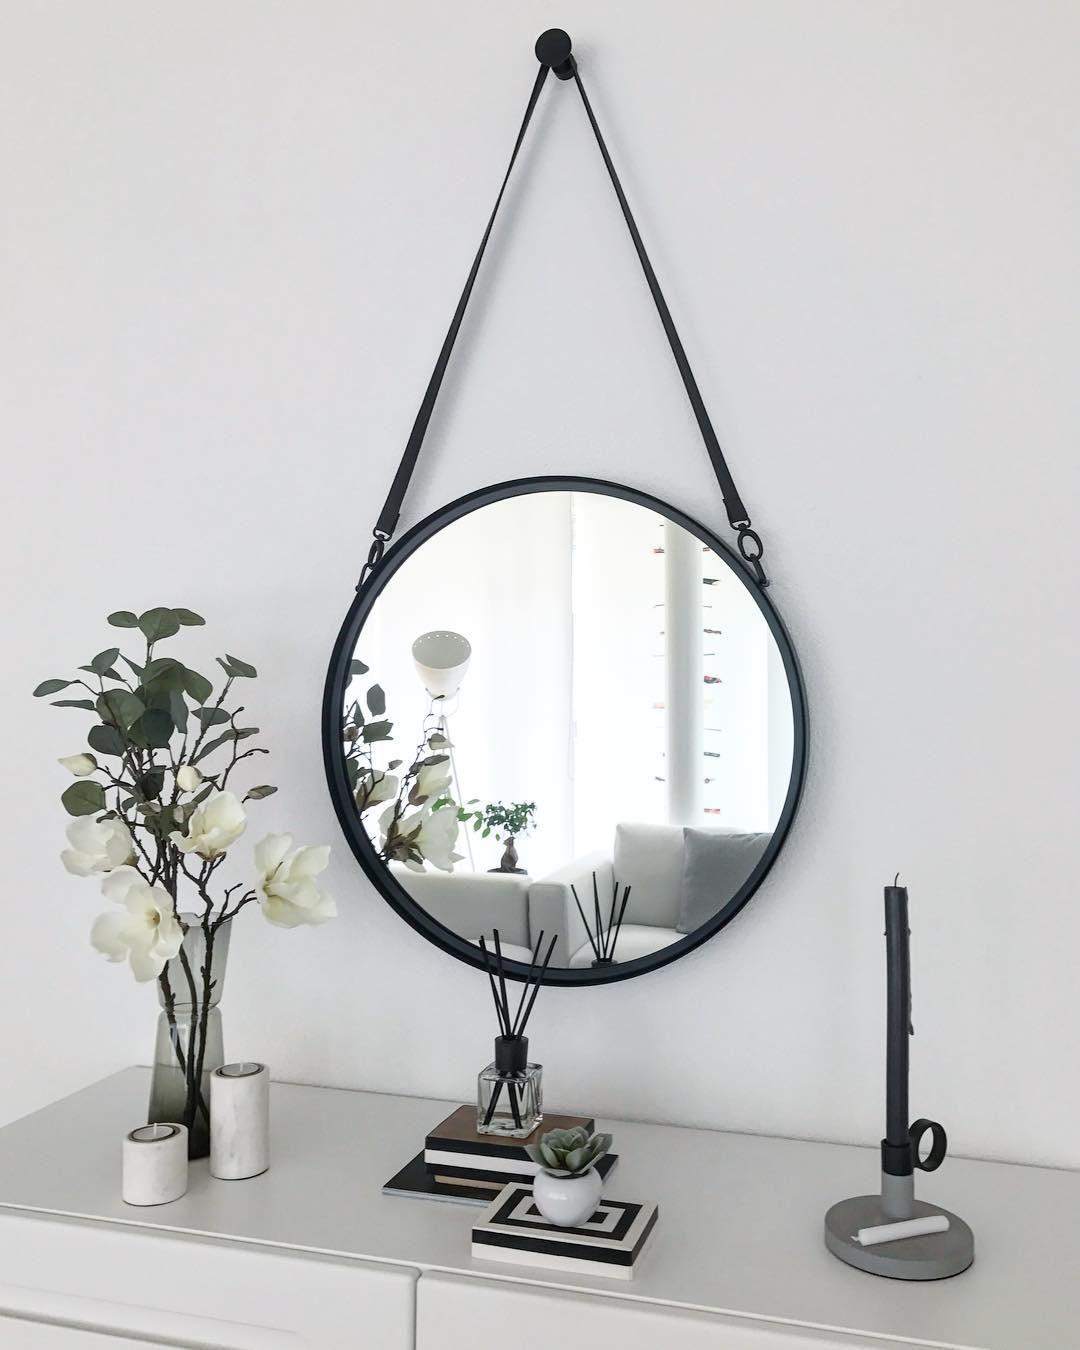 Runder Wandspiegel Liz Mit Schwarzer Lederschlaufe Bathroom Inspiration Decor Bathroom Interior